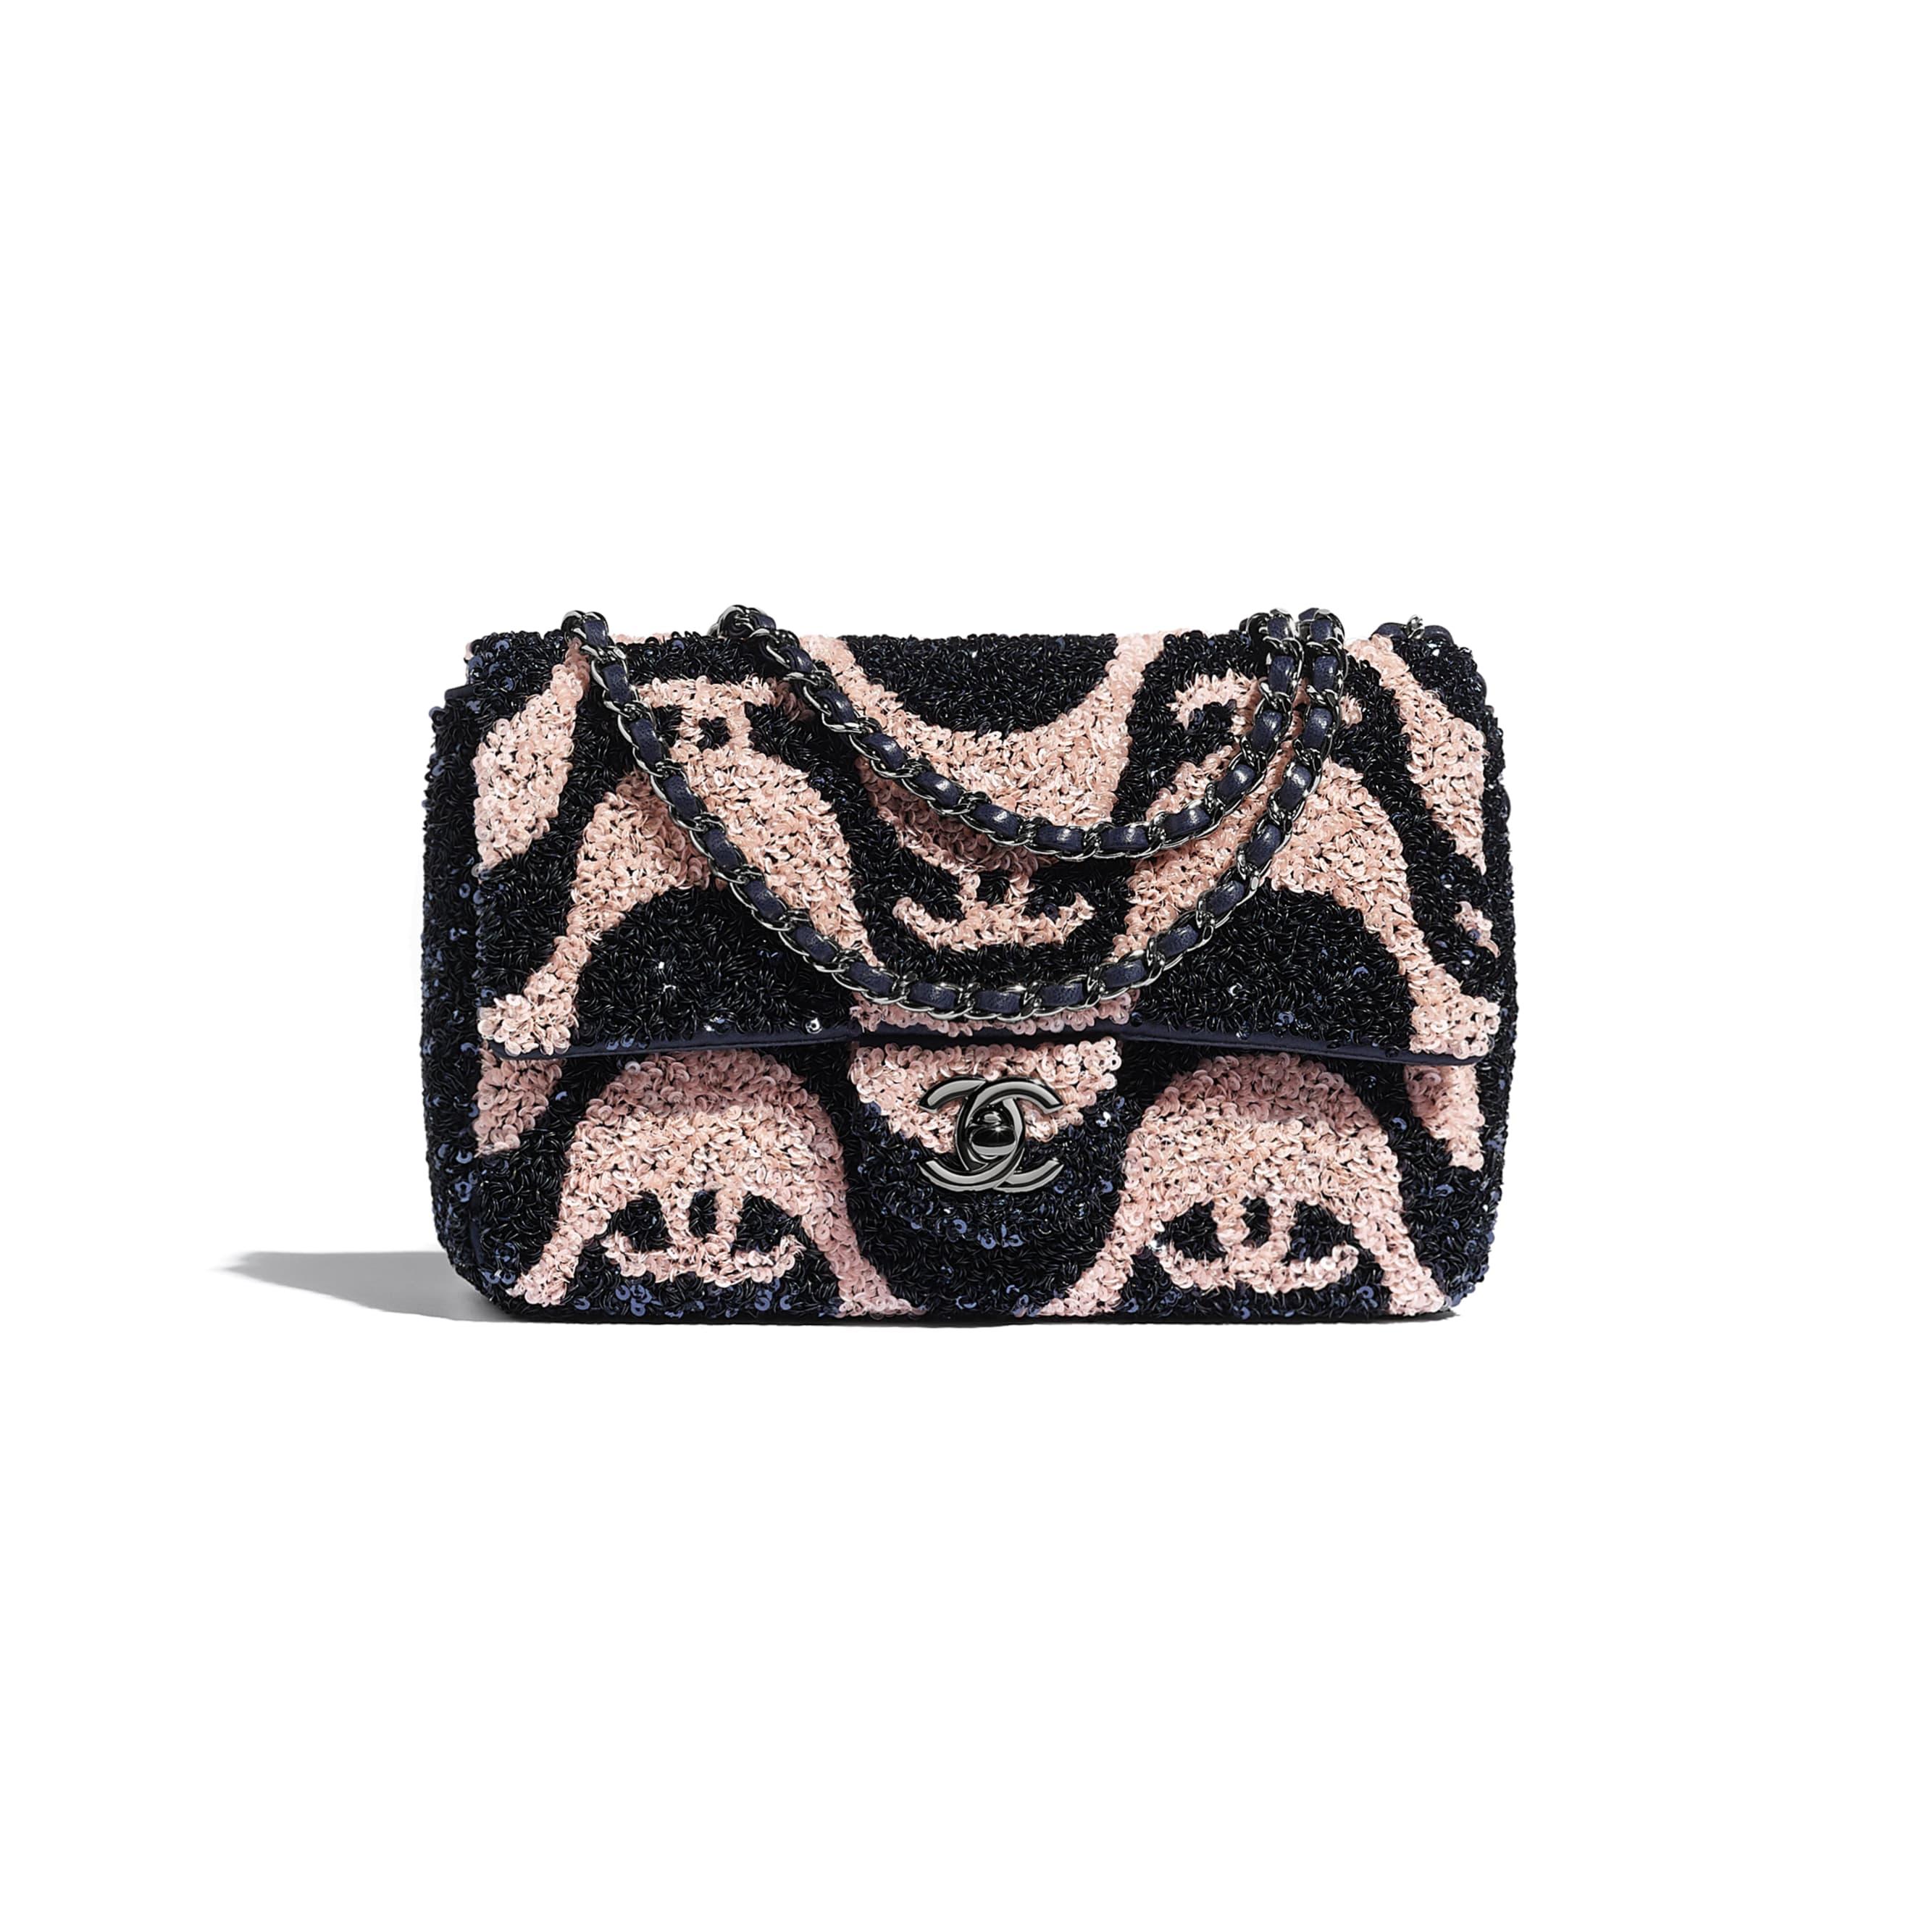 Petit sac à rabat - Bleu marine & rose - Sequins & métal ruthénium - CHANEL - Vue par défaut - voir la version taille standard